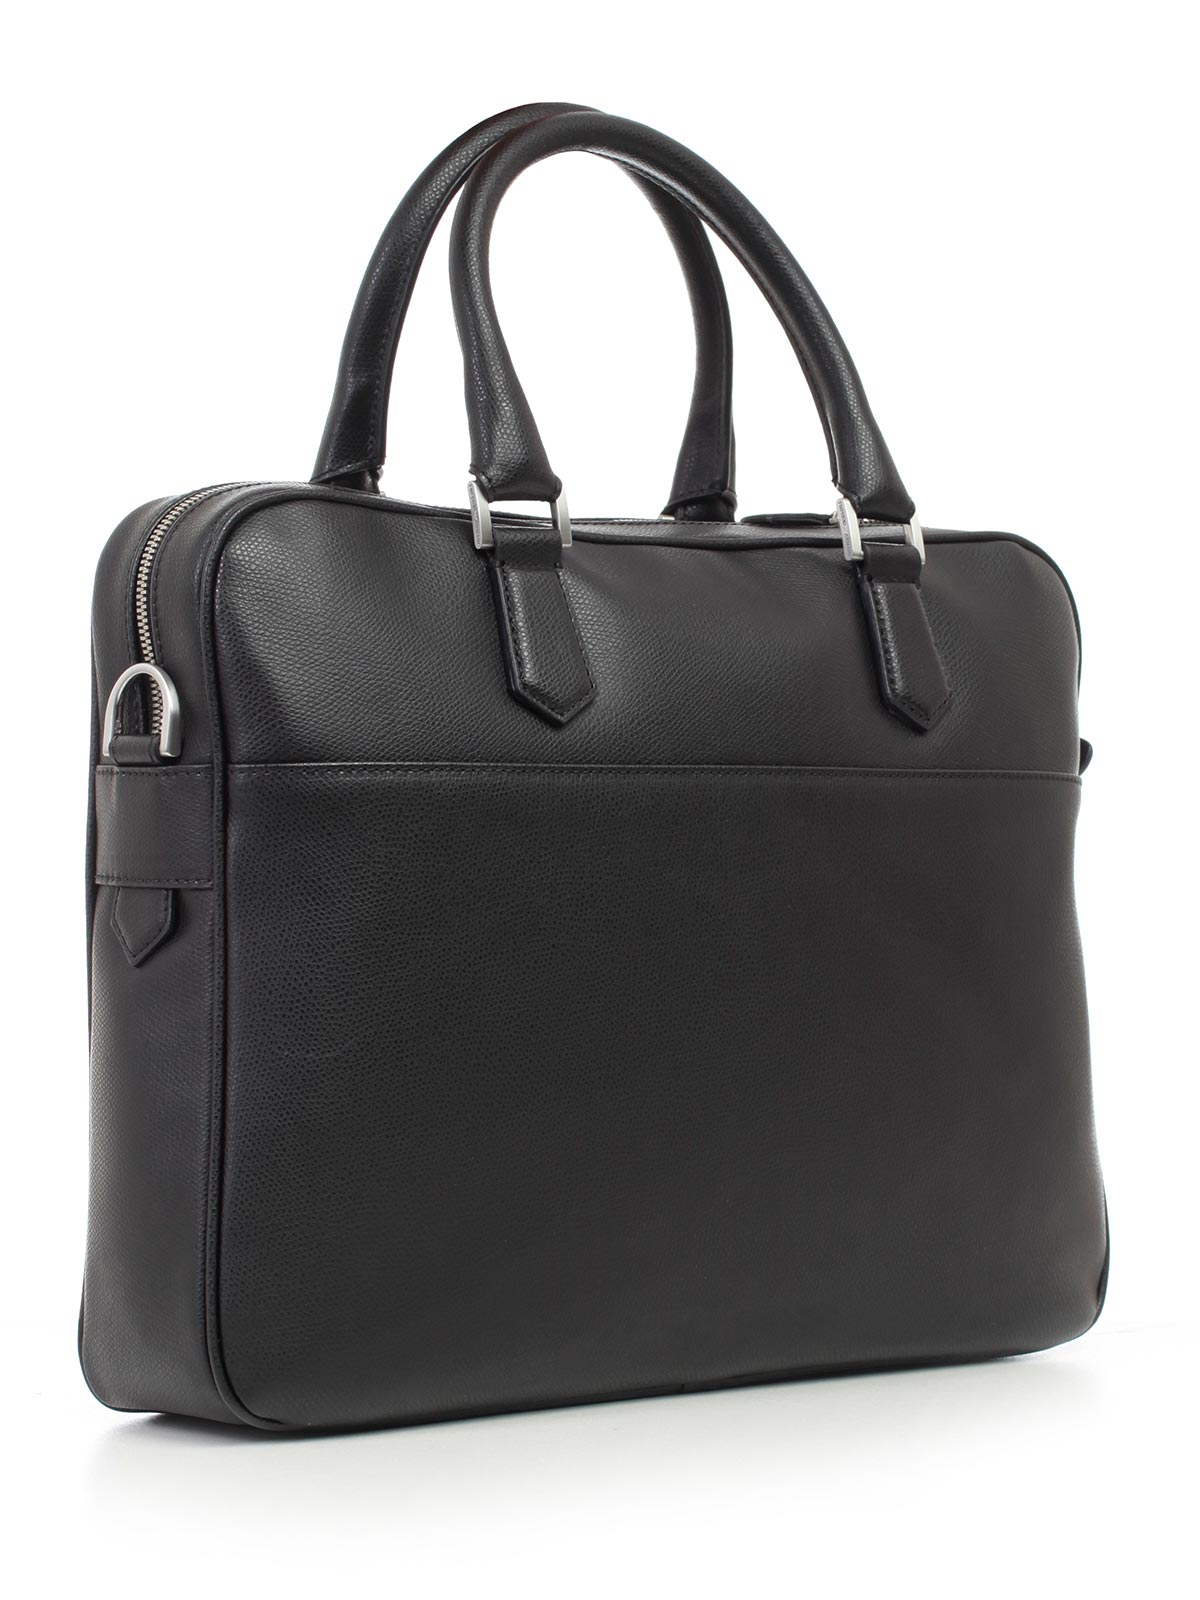 Picture of Emporio Armani Bags